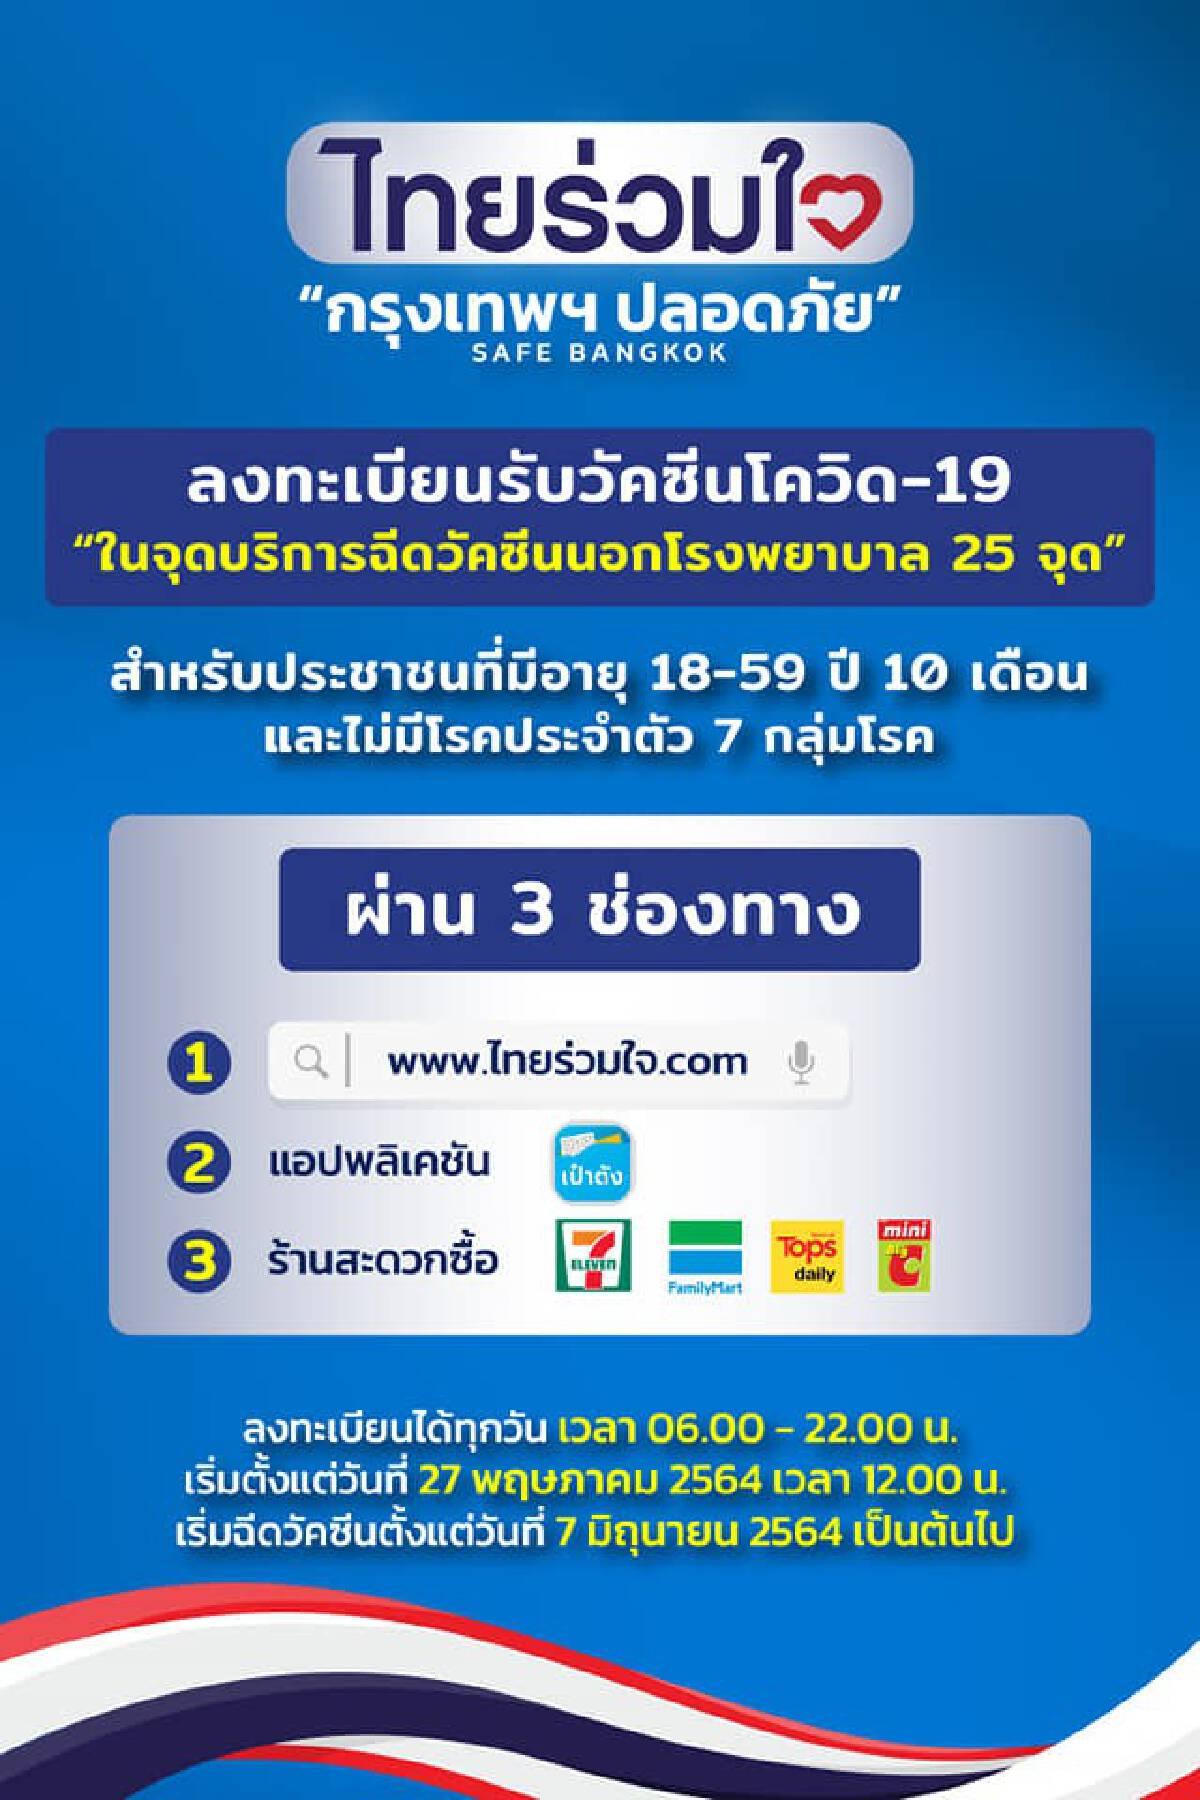 กทม.เปิดลงทะเบียนฉีดวัคซีนโควิด ผ่านแอปฯไทยร่วมใจ-เป๋าตัง-ร้านสะดวกซื้อ เริ่ม 27 พ.ค.